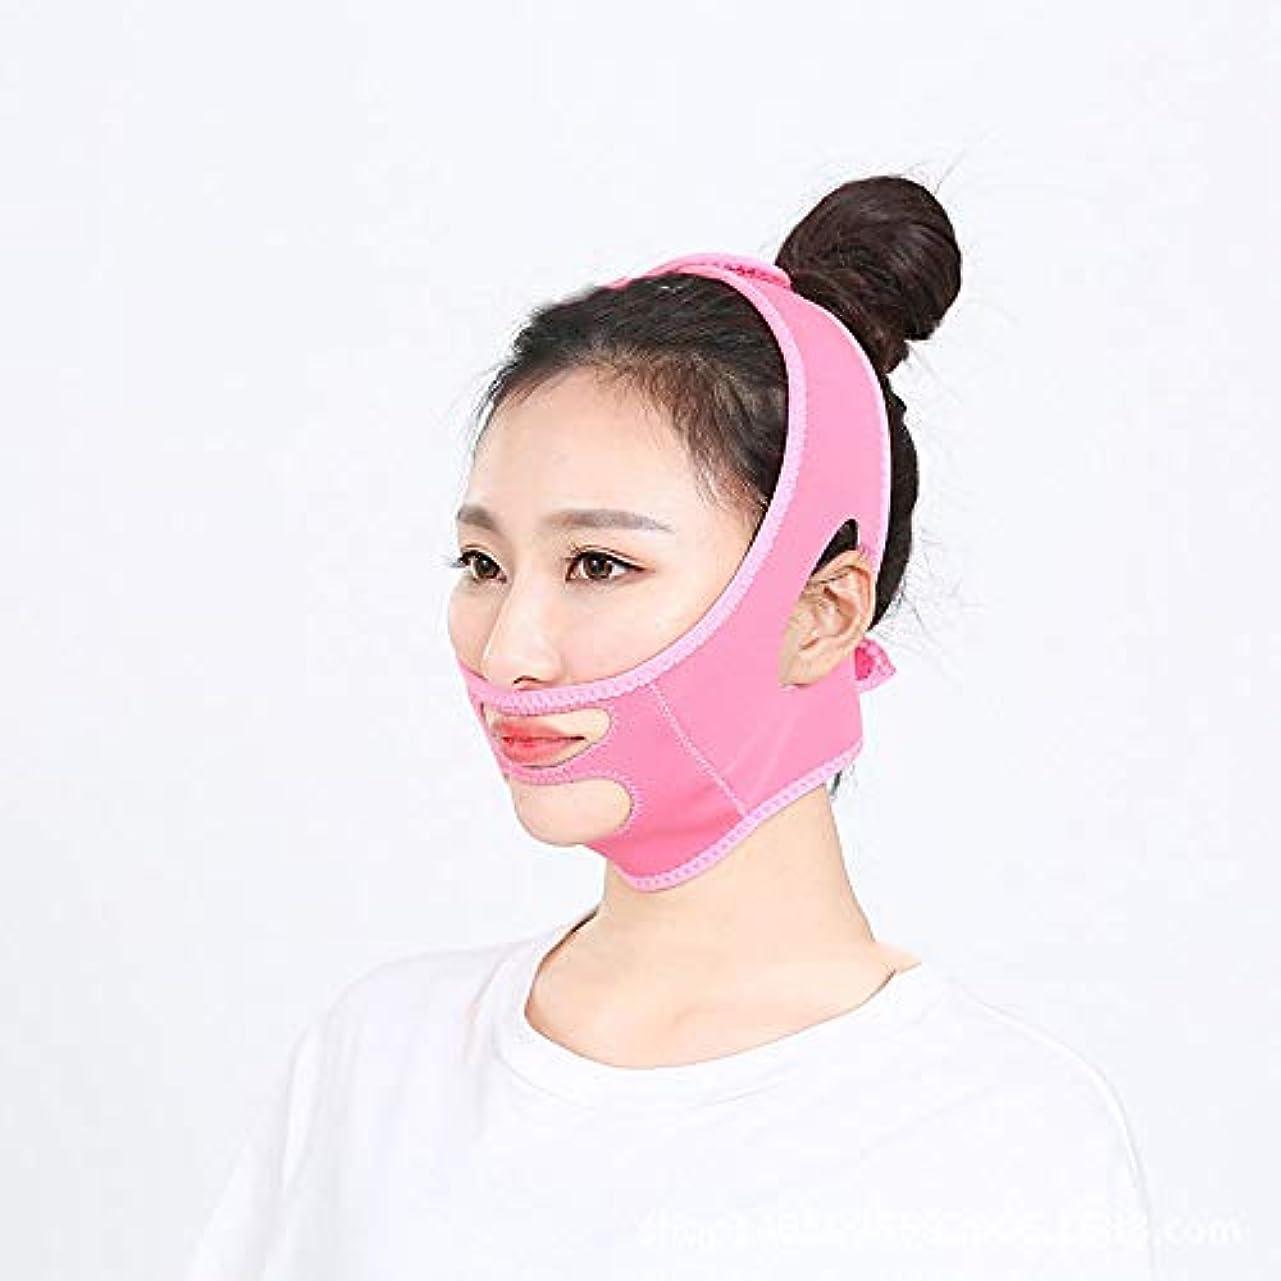 ガイドライン引く海外フェイスリフトマスク包帯、フェイスリフティングアーティファクト/vフェイススリープマスク/フェイスリフト補正メロンフェイスシェイパー(ブルー/パープル/ピンク),Pink